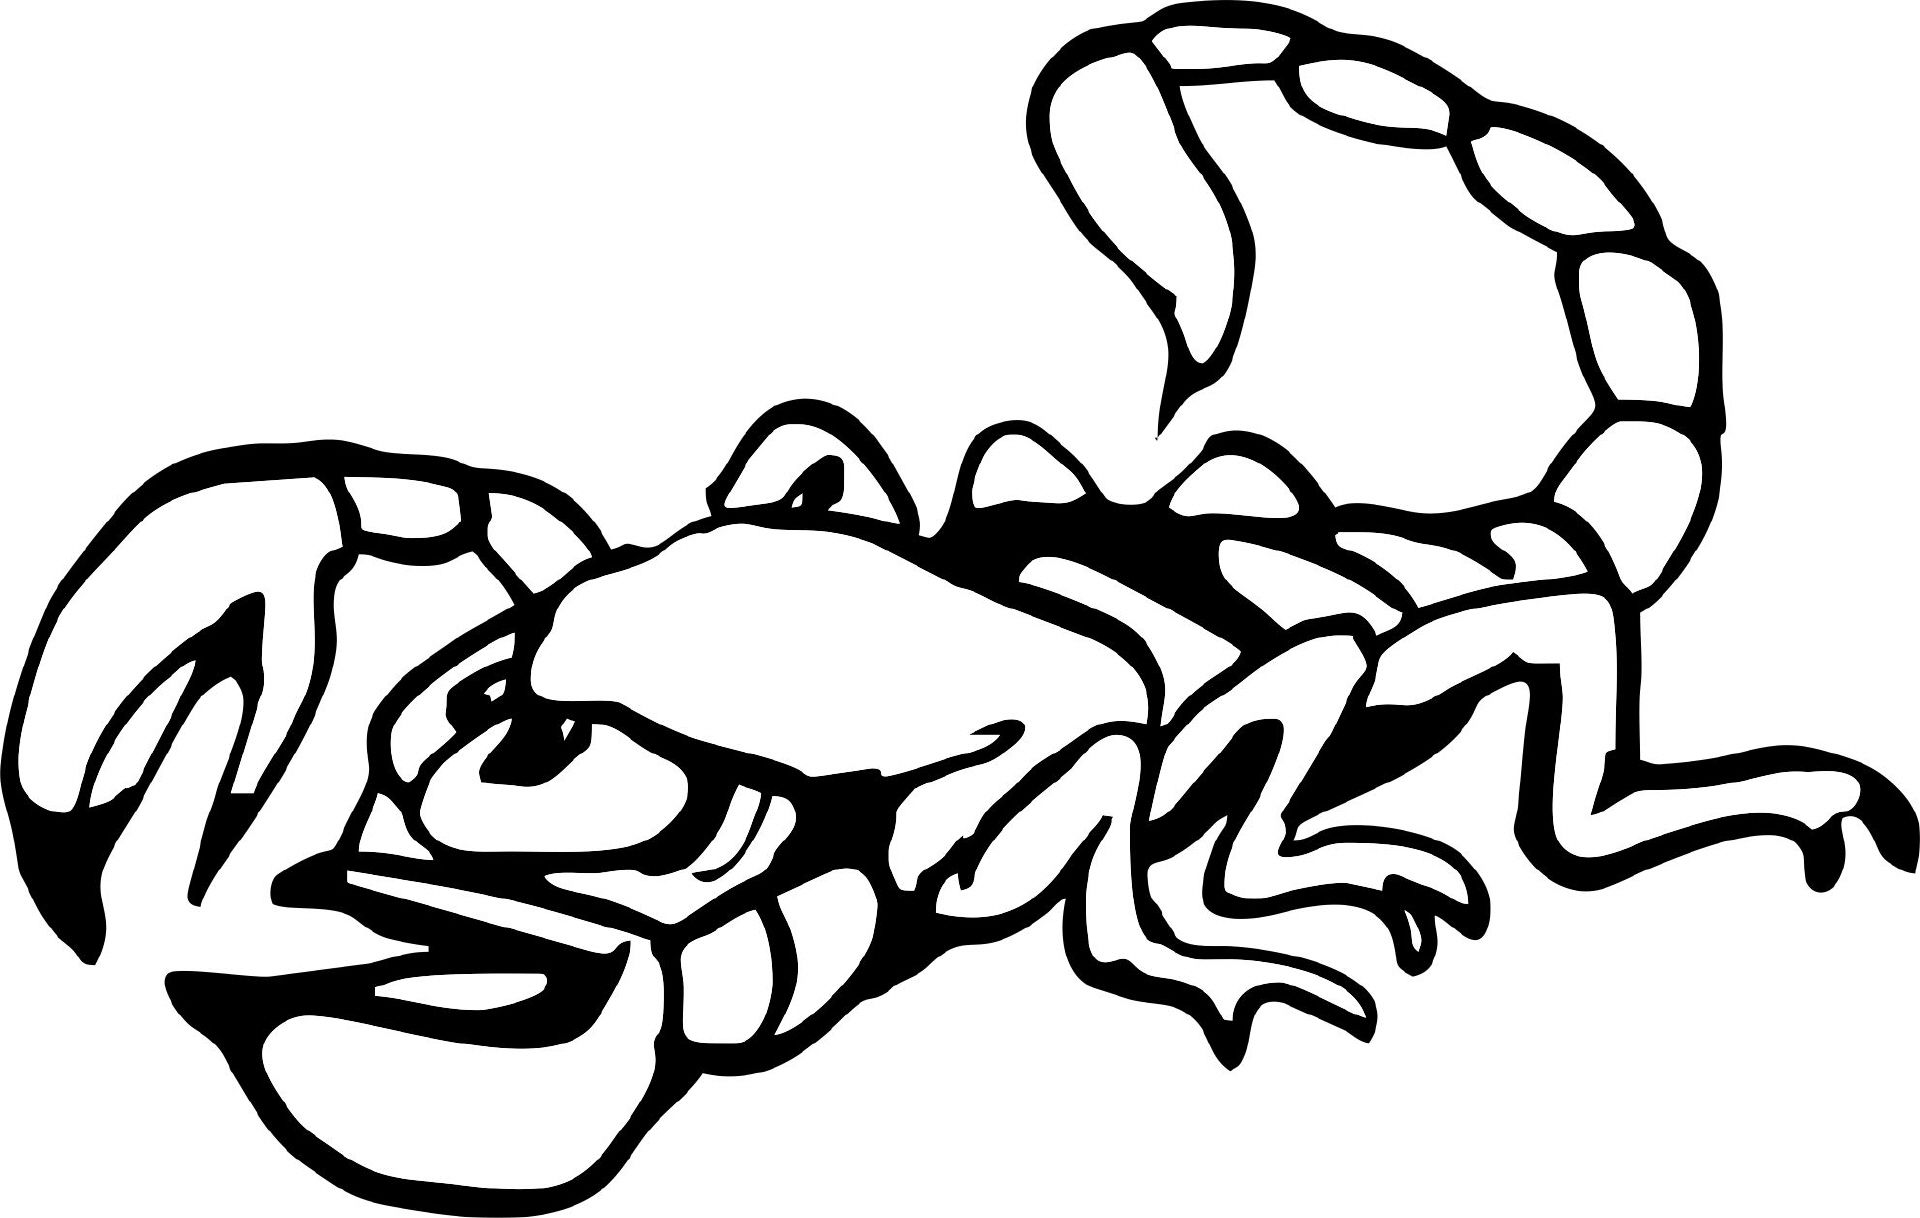 Skorpion   Ausmalbilder tiere, Ausmalbilder, Ausmalen